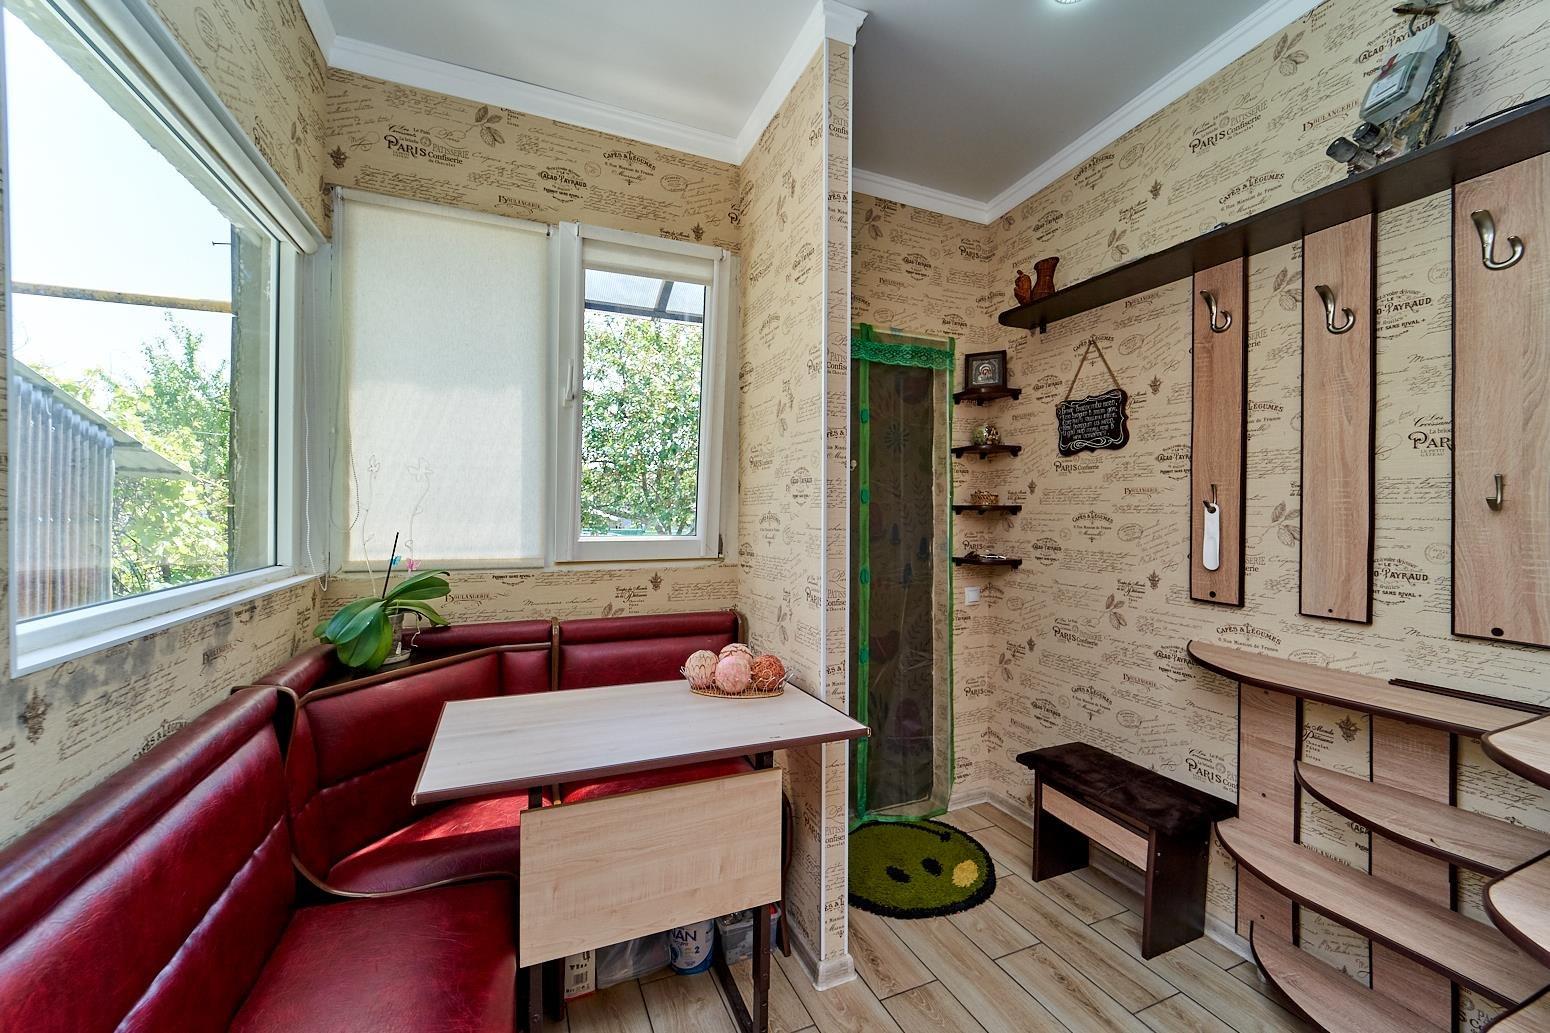 купить однокомнатную квартиру в Краснодаре